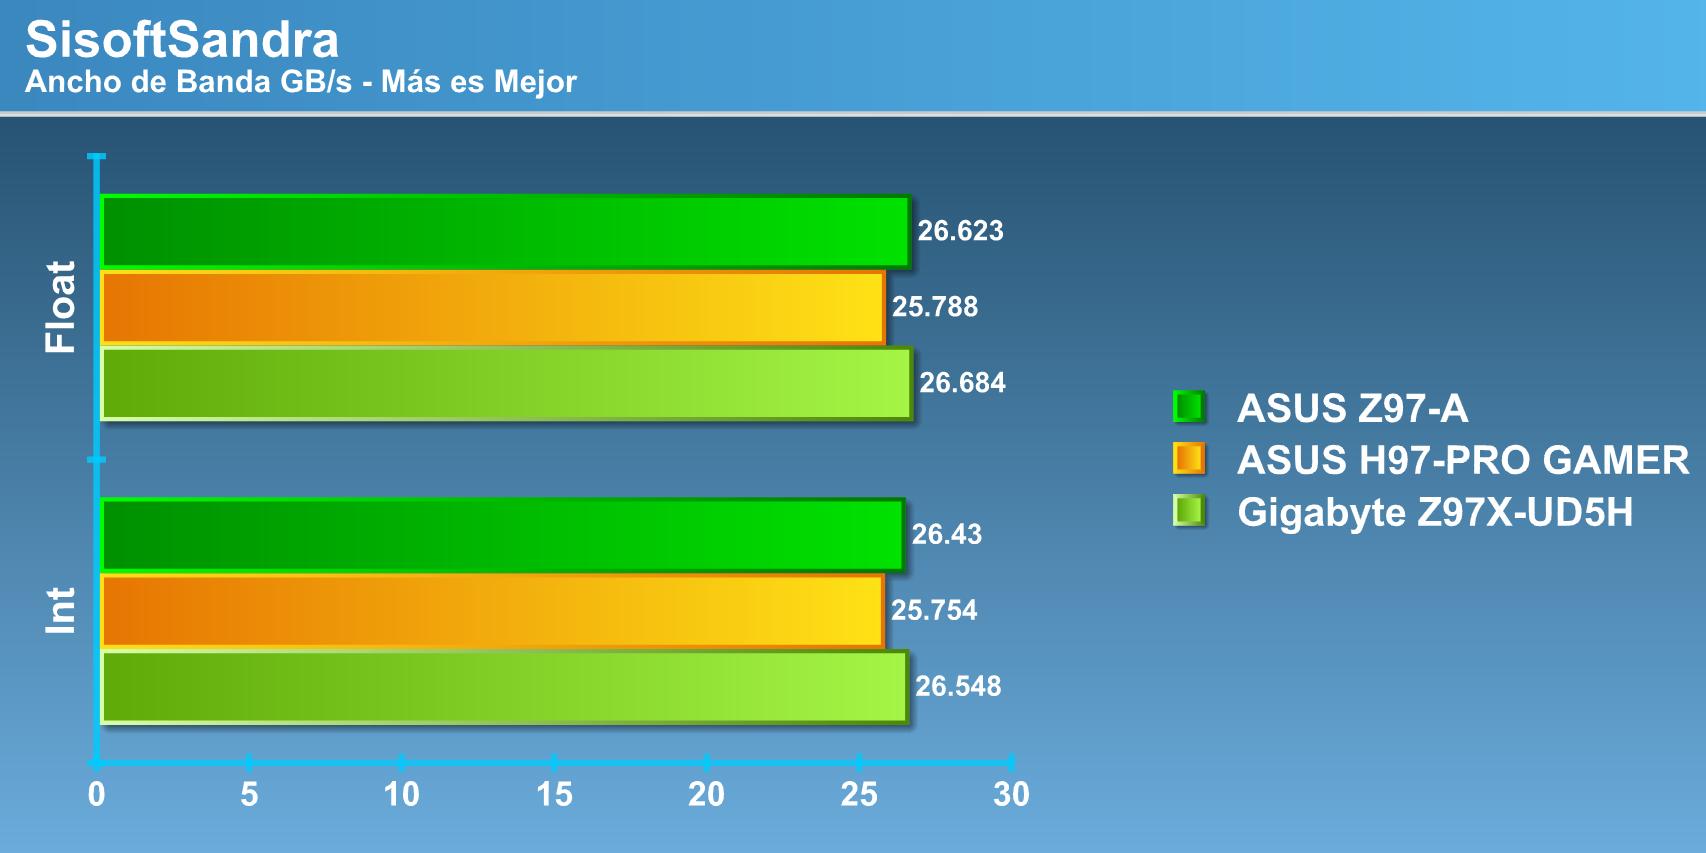 con respecto a diferencias con un chipset z97, la asus z97-a/usb 3 1  mantiene una estrecha relaci�n en rendimiento ante su competidora de  gigabyte en gran